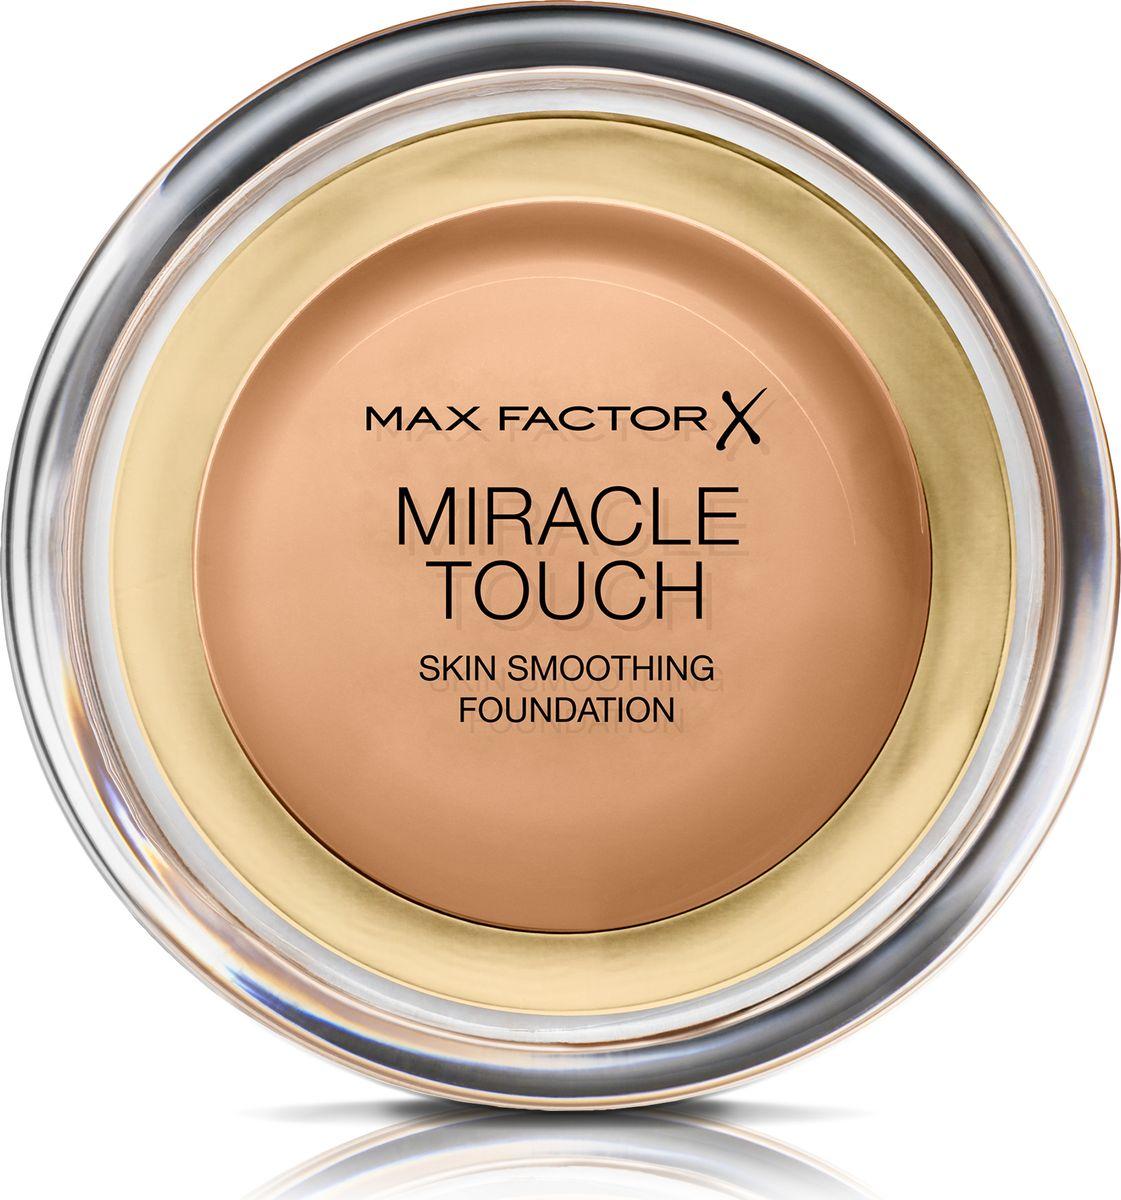 Max Factor Тональная Основа Miracle Touch Тон 80 bronze 11,5 гр81064Уникальная универсальная тональная основа Max Factor Miracle Touch обладает кремообразной формулой, благодаря которой превосходно подготовить кожу для макияжа очень легко. Всего один слой без необходимости нанесения консилера или пудры. Легкая твердая тональная основа тает в руках и гладко наносится на кожу, создавая идеальное, безупречно блестящее и равномерное покрытие, не слишком прозрачное и не слишком плотное. В результате кожа выглядит свежей, необычайно ровной и приобретает сияние. Чтобы создать безупречное покрытие, можно нанести всего один легкий слой тональной основы или же сделать покрытие более плотным благодаря специальной формуле. Тональная основа подходит для всех типов кожи, включая чувствительную кожу, и не вызывает угревой сыпи, так как не закупоривает поры. Спонж в комплекте для простого и аккуратного нанесения где угодно. Идеальное покрытие в один слой - консилер и пудра не нужны. Умеренное или плотное покрытие благодаря специальной формуле. Не вызывает угревую...